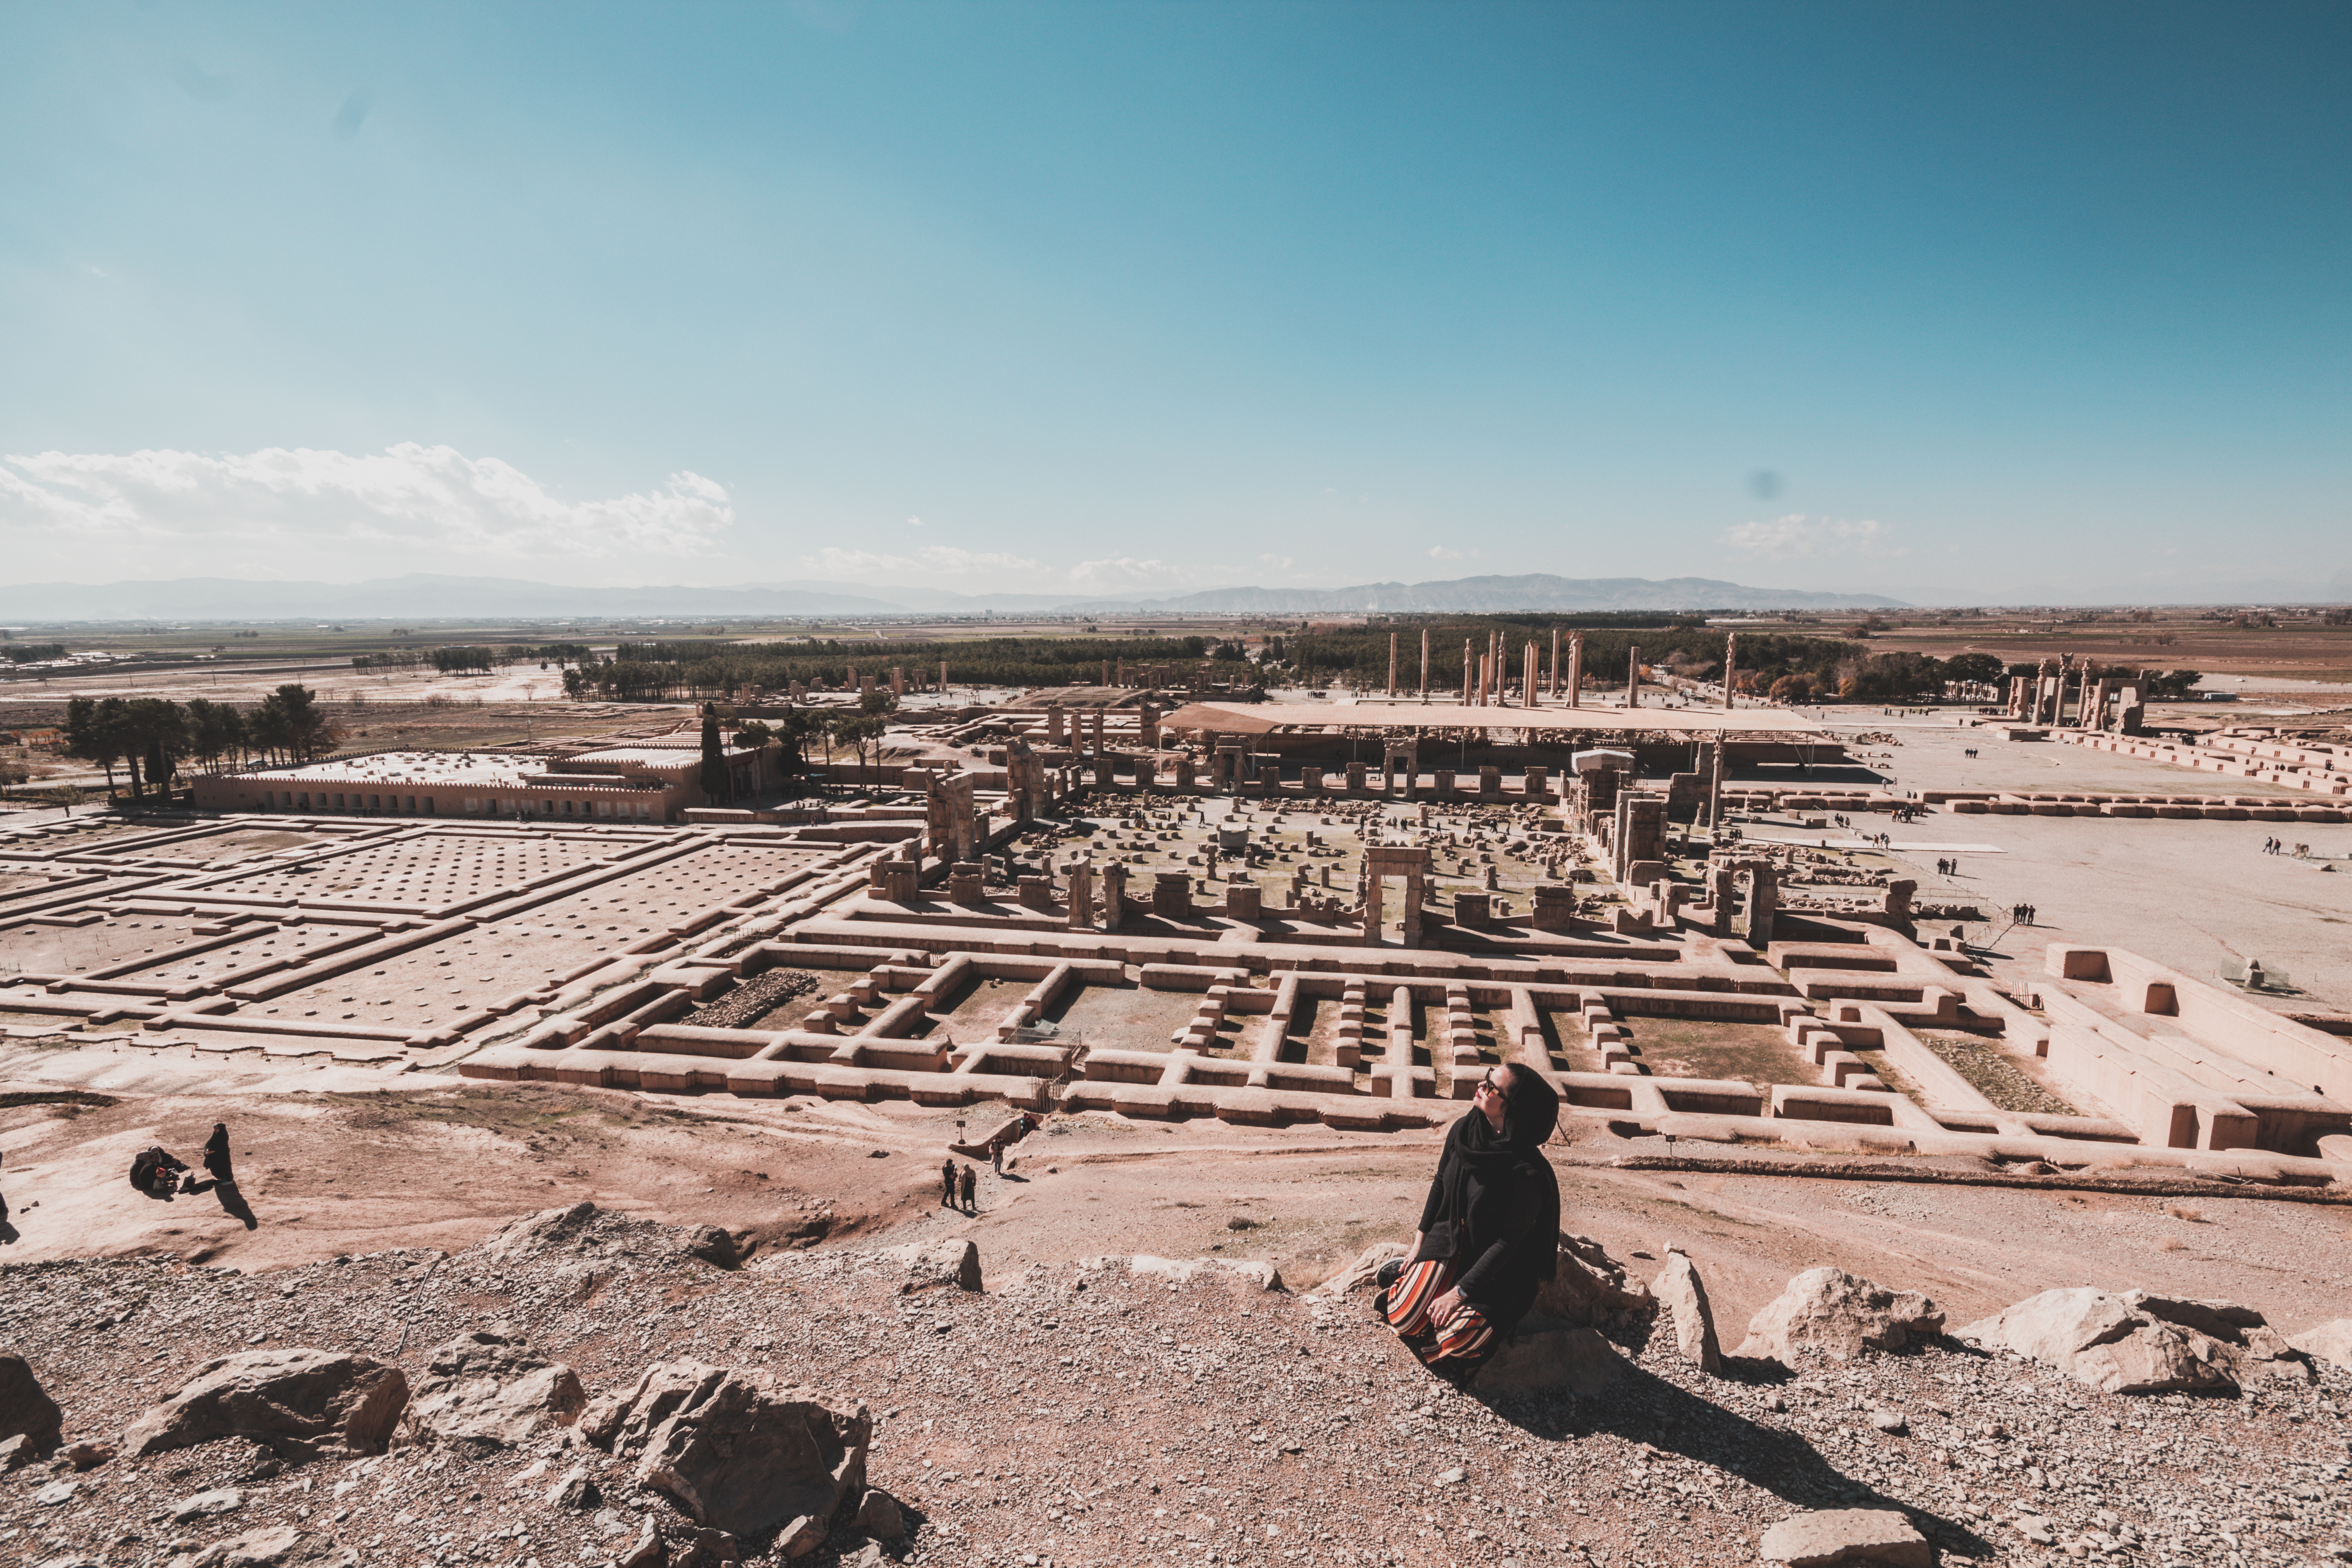 nao-e-caro-viajar-lugares-que-sao-patrimonio-mundial-da-unesco-no-ira-13